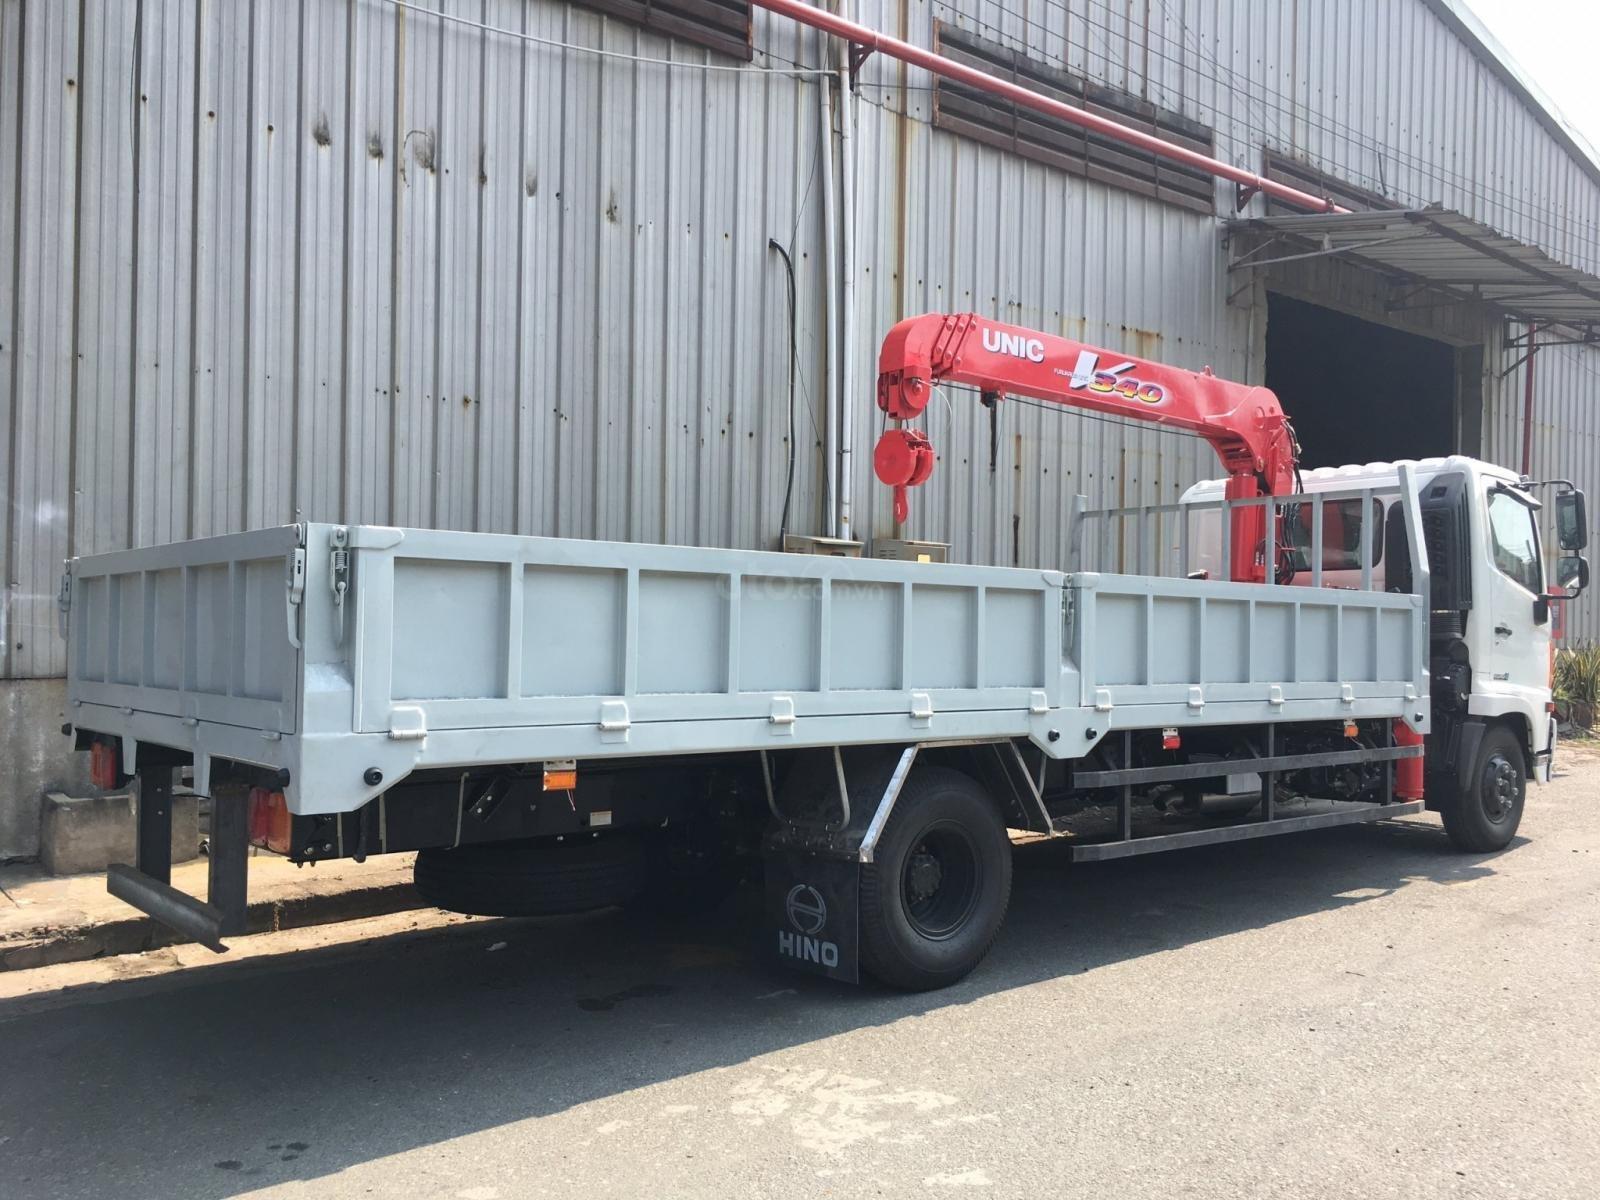 LH: 0901 47 47 38 - Xe tải cẩu Hino 5 tấn, thùng 6.1m, cẩu Unic mới 100% (3)